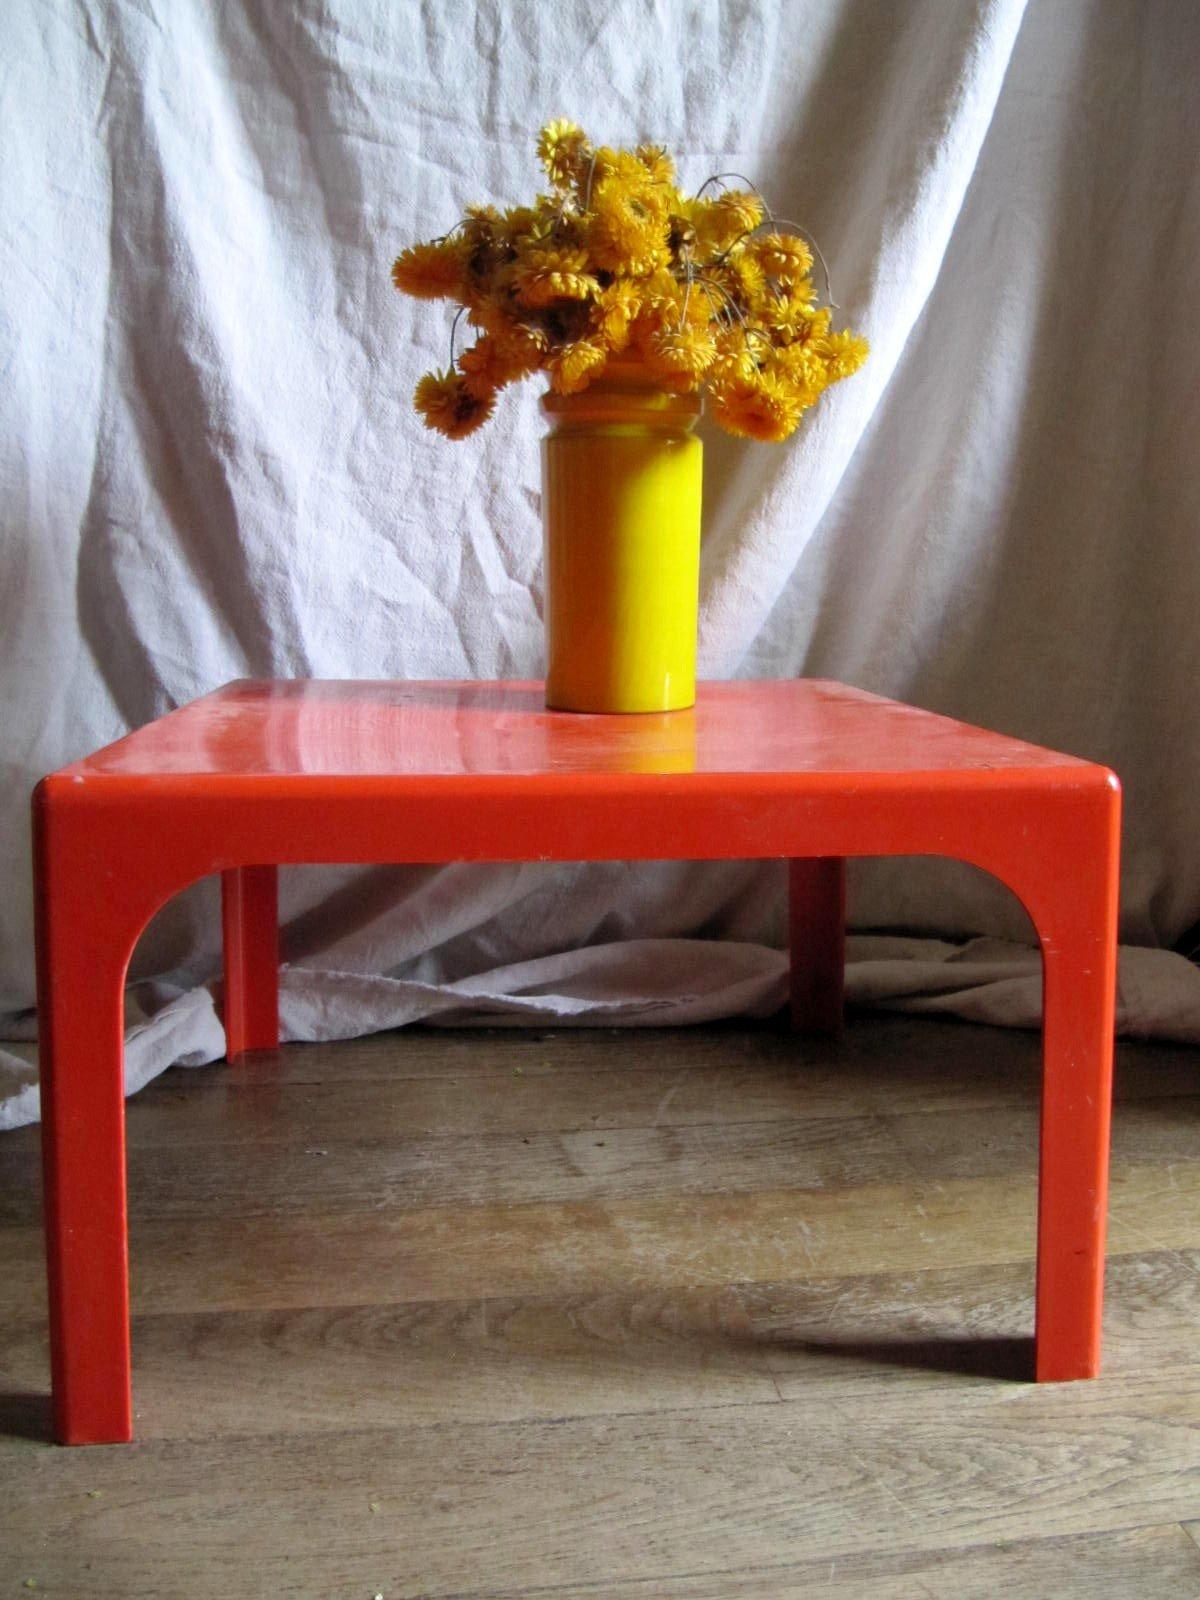 vendue table basse carr e vintage en plastique rouge ann es mes collections ordo ab chao. Black Bedroom Furniture Sets. Home Design Ideas